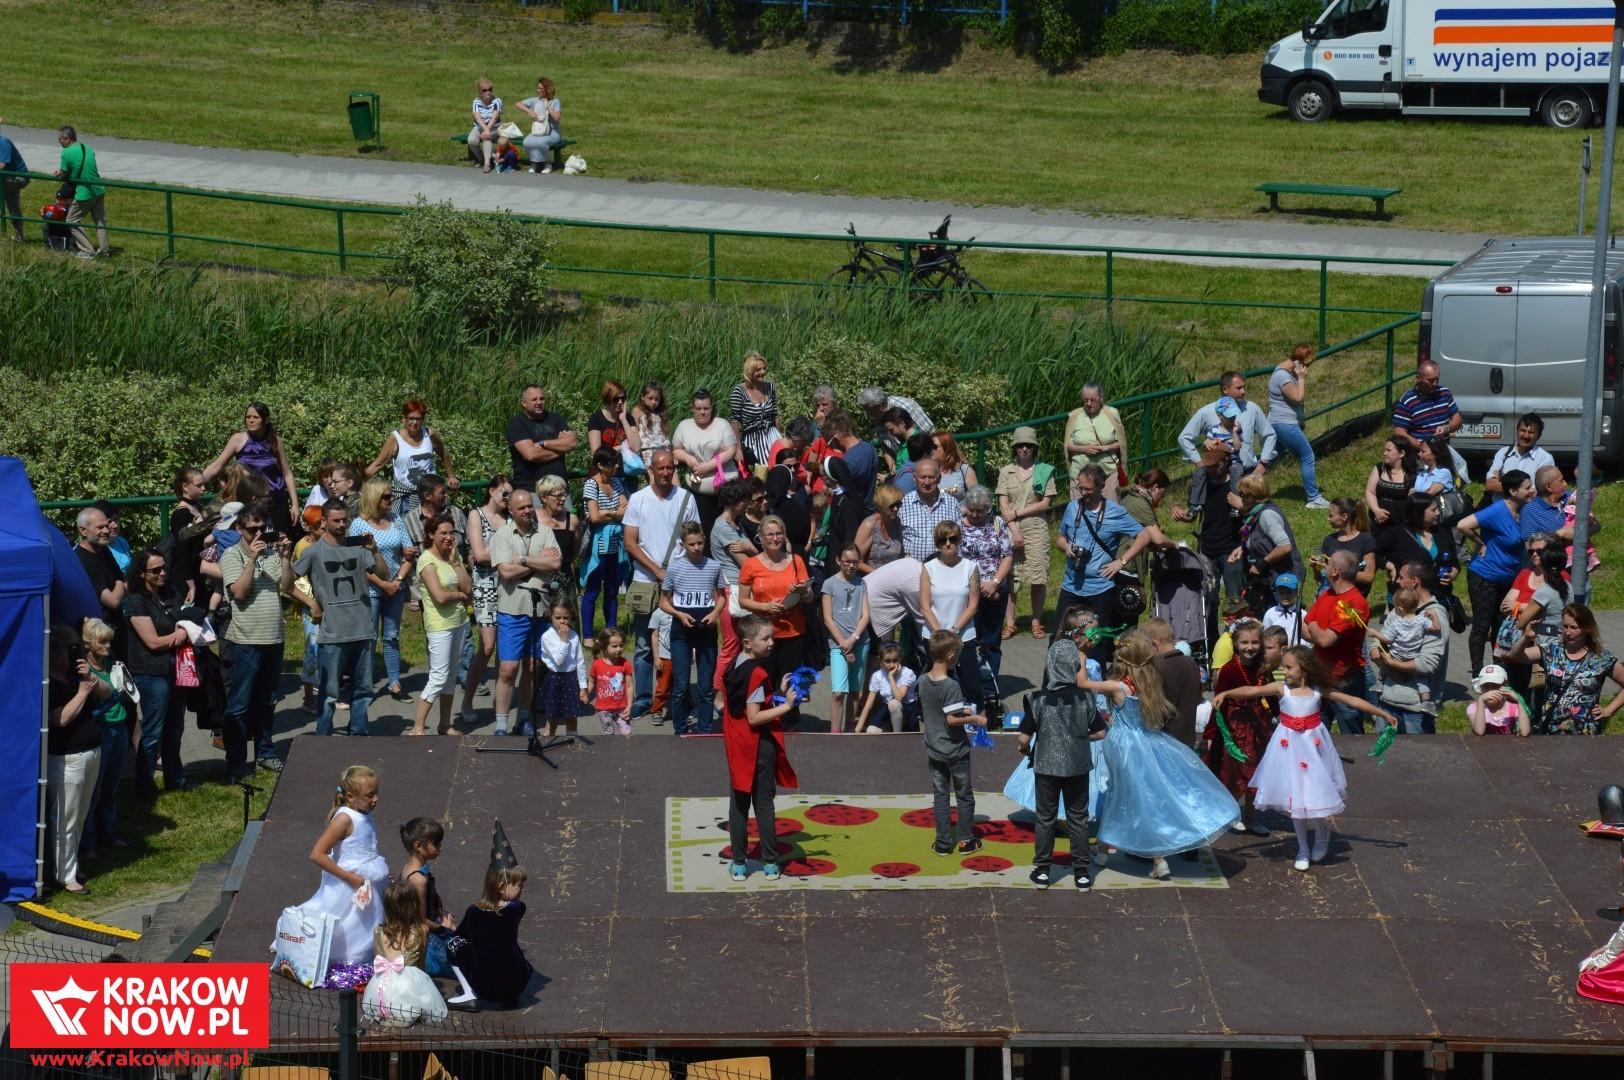 25 lat osiedla rzaka krakow festyn rodzinny 48 150x150 - 25 lat Osiedla Rżąka - galeria zdjęć z festynu